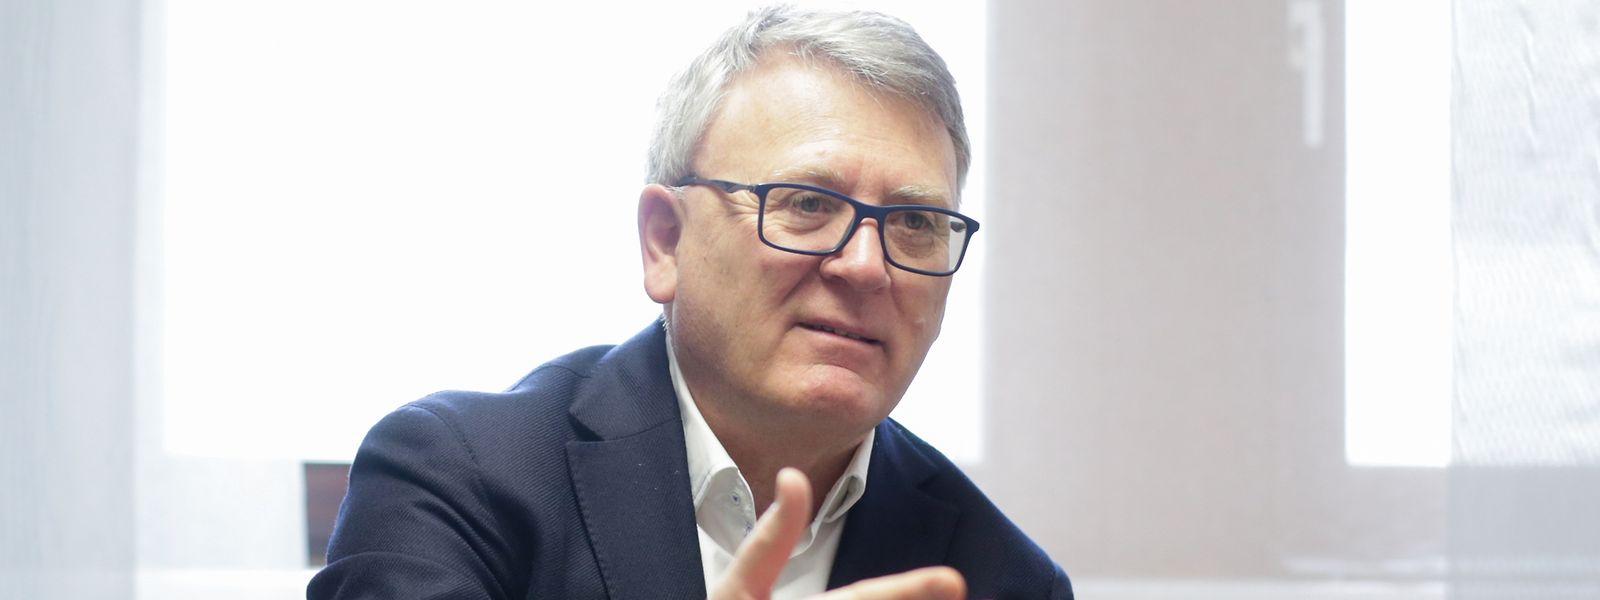 Expert de l'Europe, Nicolas Schmit deviendrait commissaire luxembourgeois sous la direction de Ursula von der Leyen.